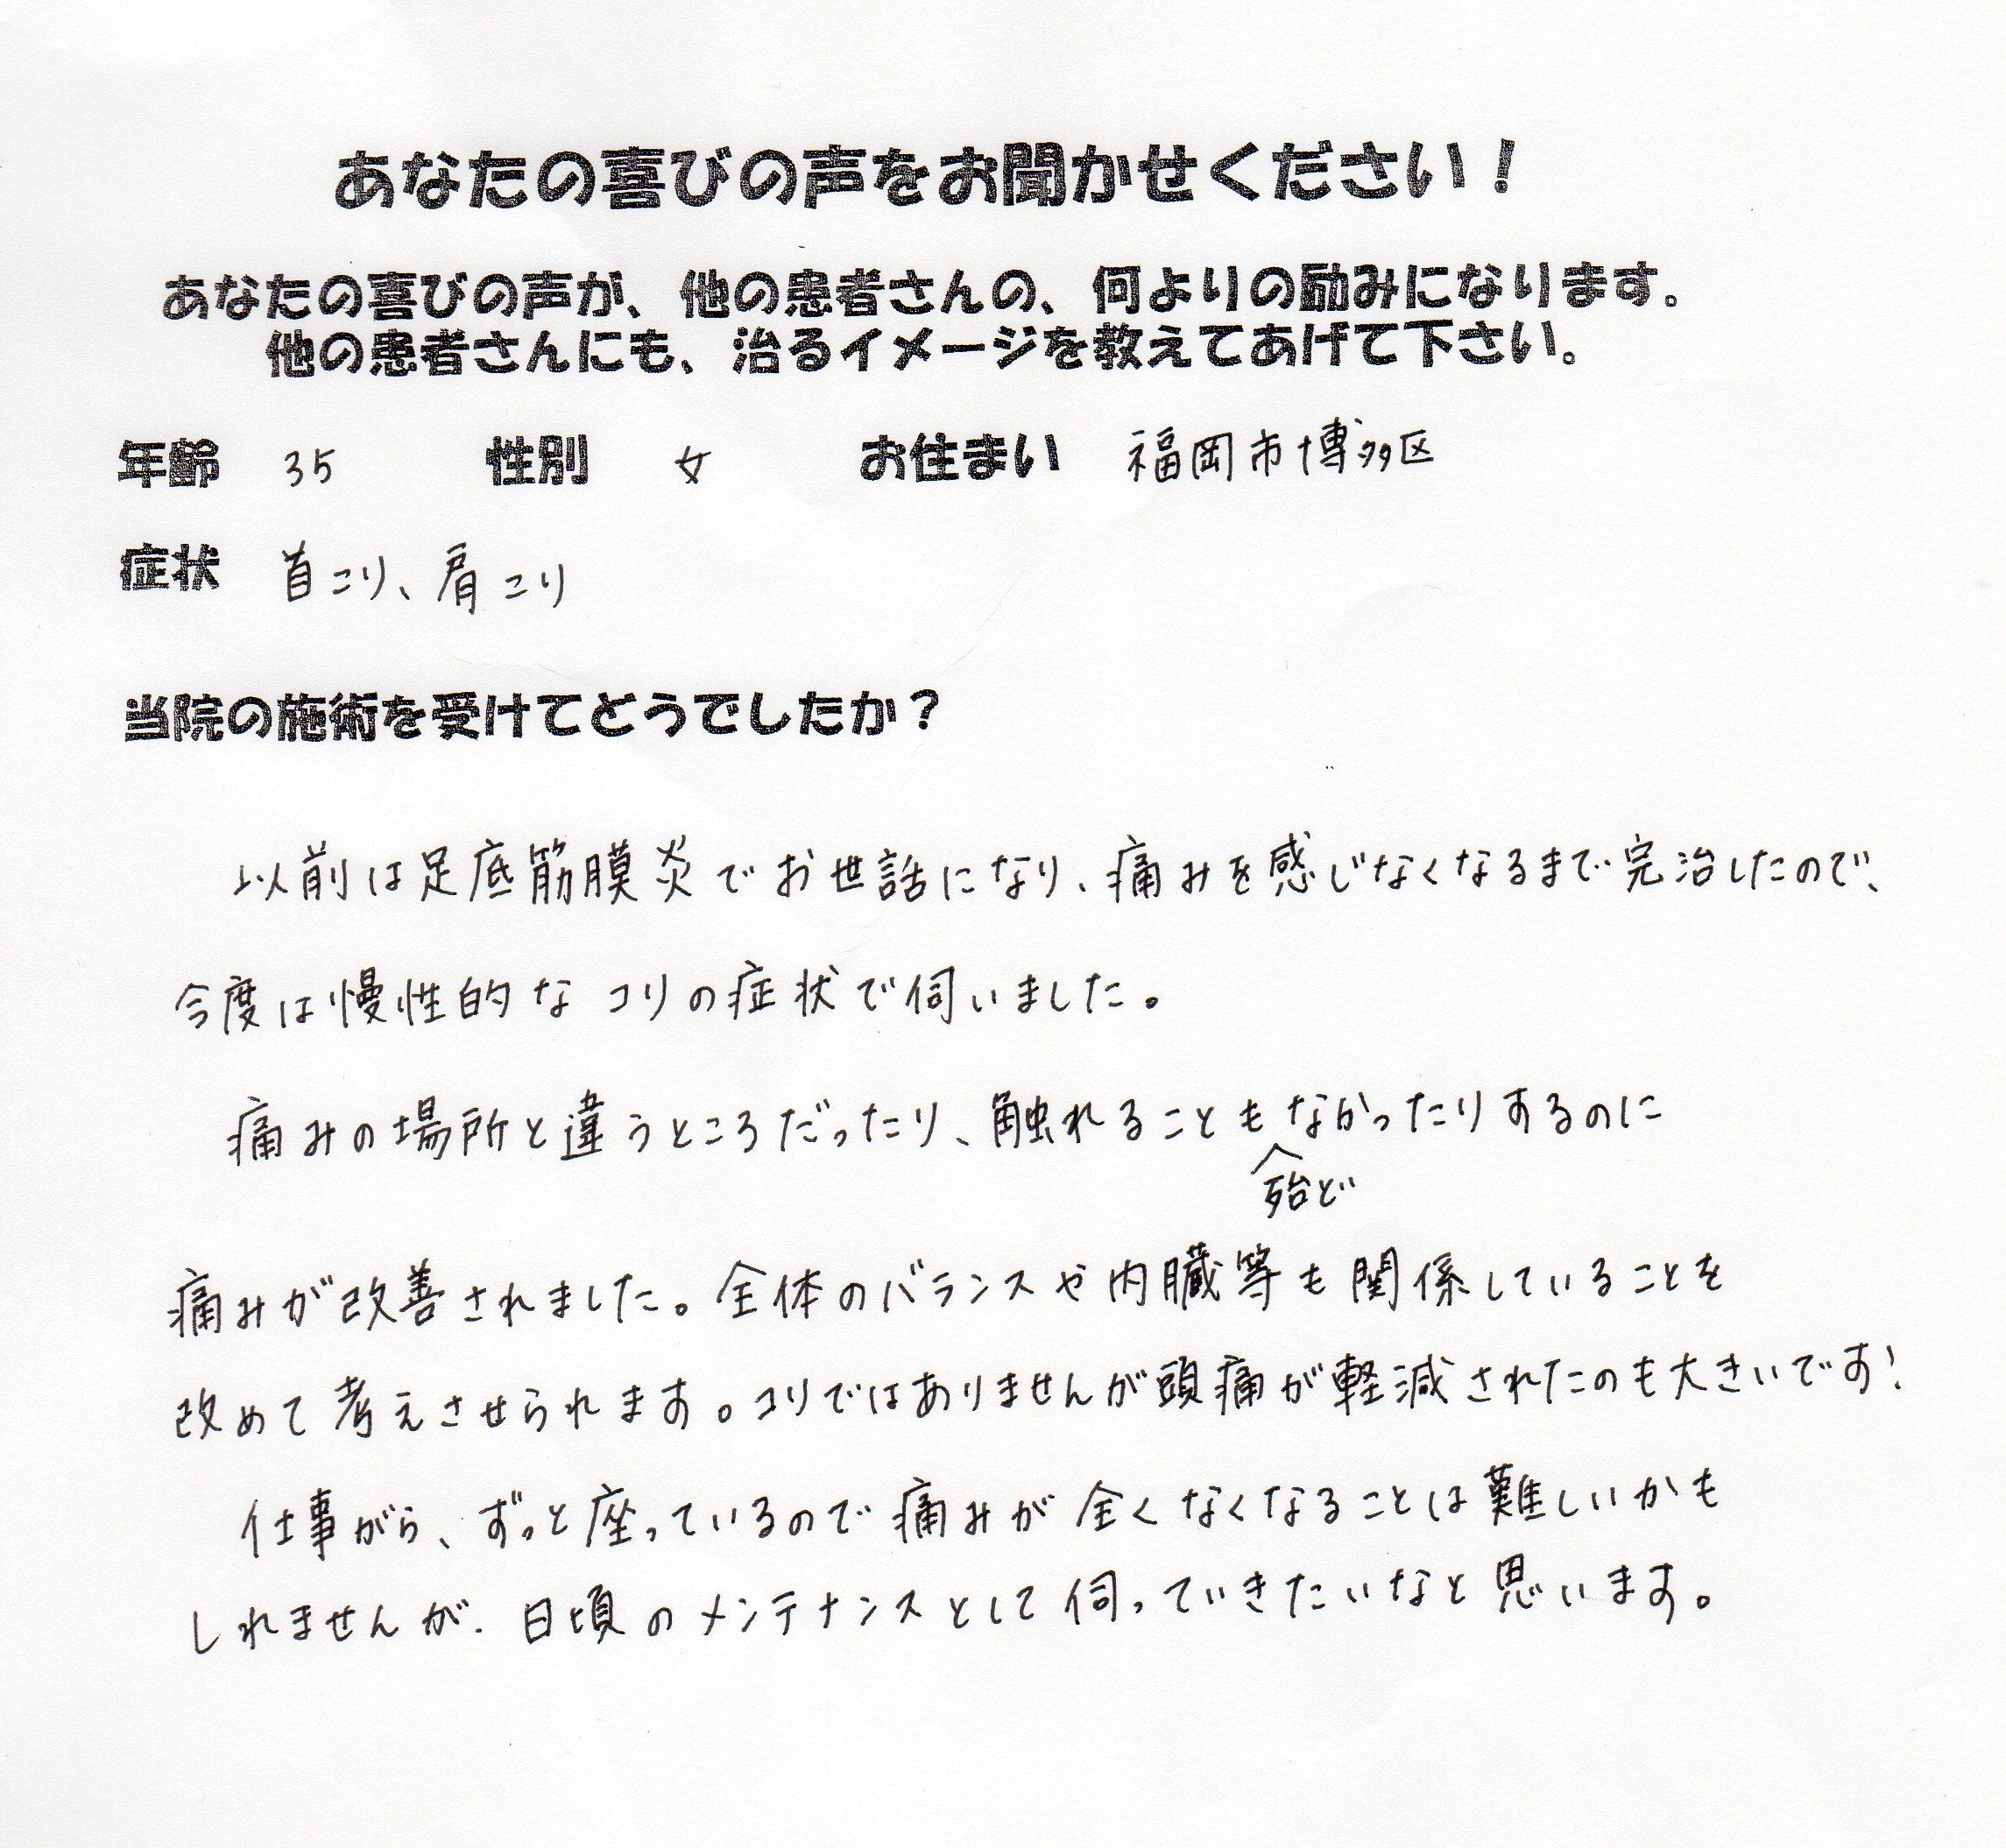 福岡市中央区、福岡市城南区の首こり、首痛、肩こりは福岡首こり整体院がおすすめ。